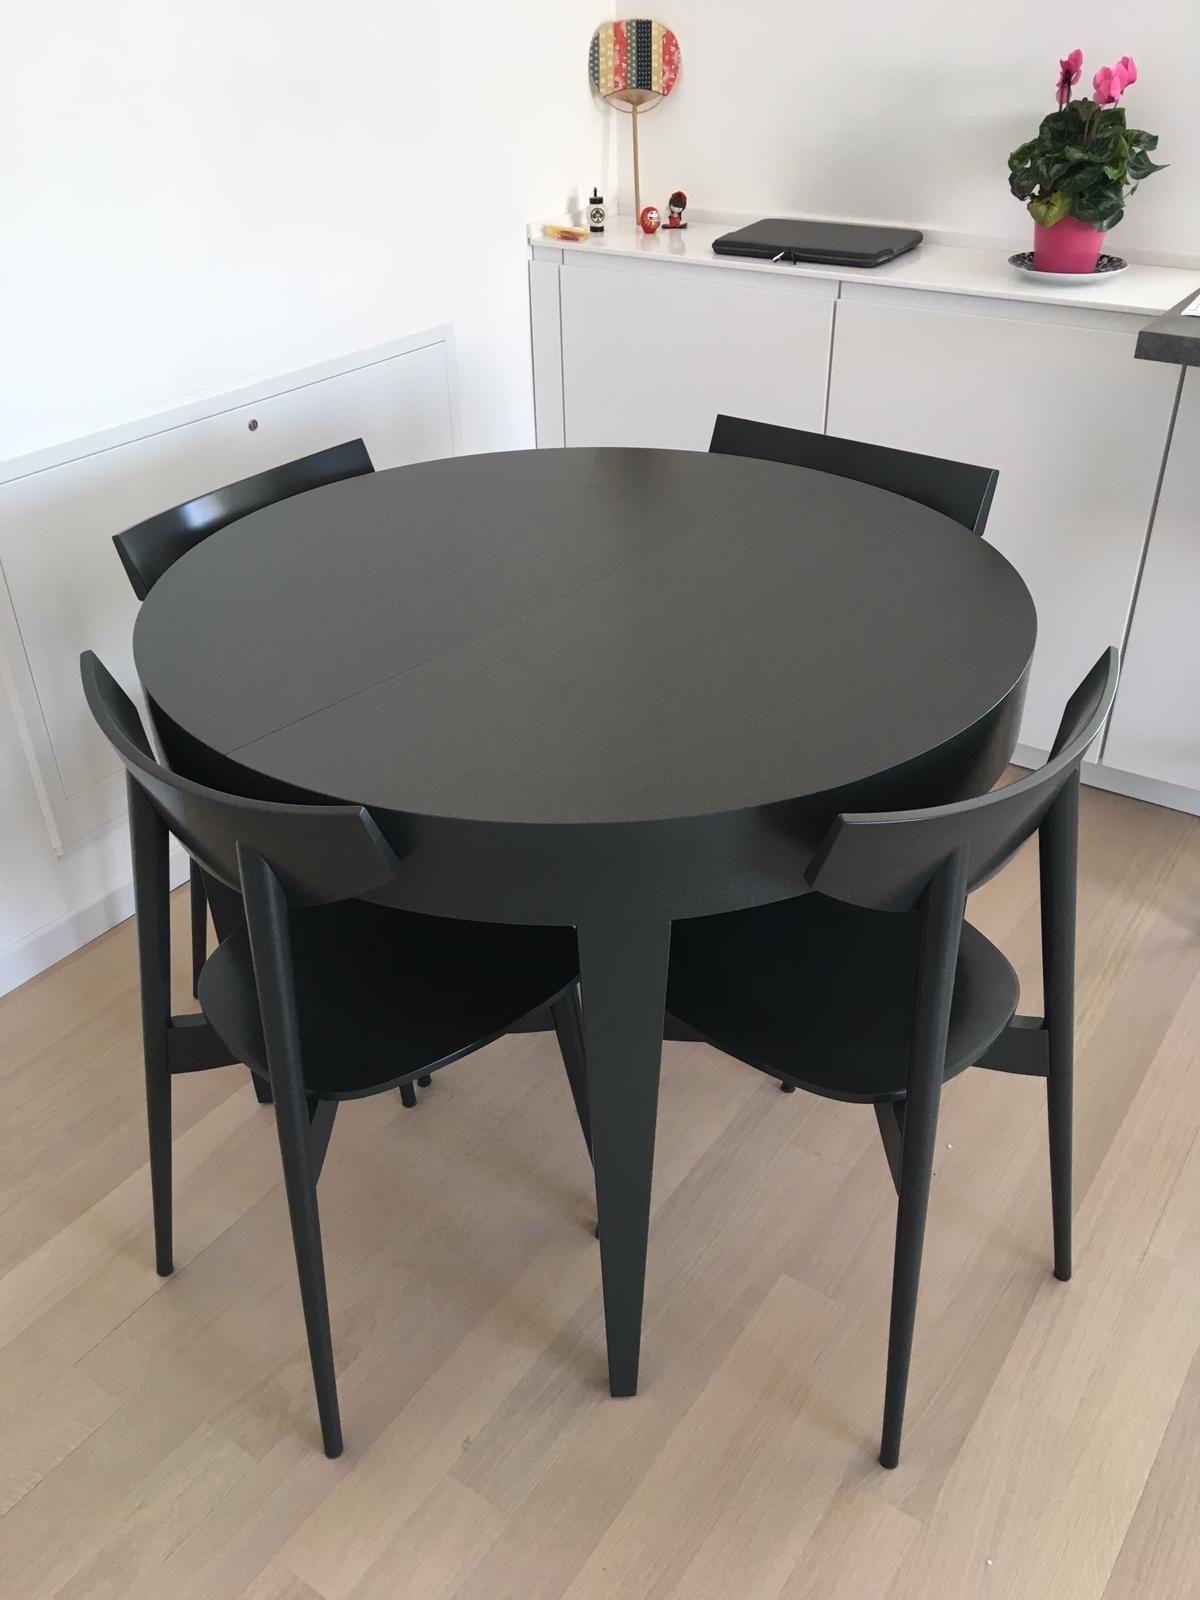 Damo M Tavolo Rotondo Allungabile Round Extensible Table Tavolo Tondo Tavolo Tavolo Rotondo